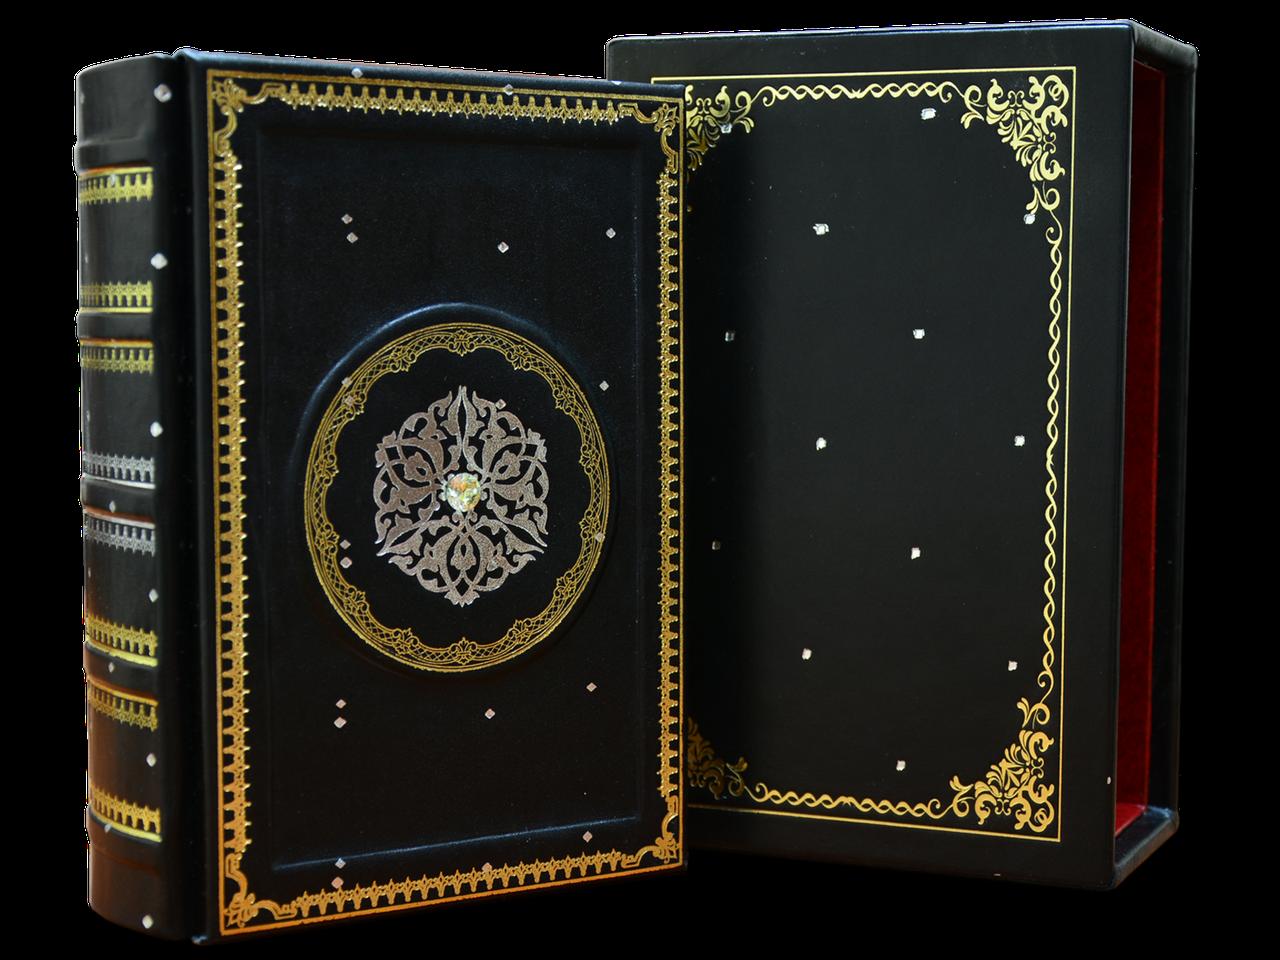 """Книга в кожаном переплете и подарочном футляре """"Сонник"""" (в подарочном футляре)"""